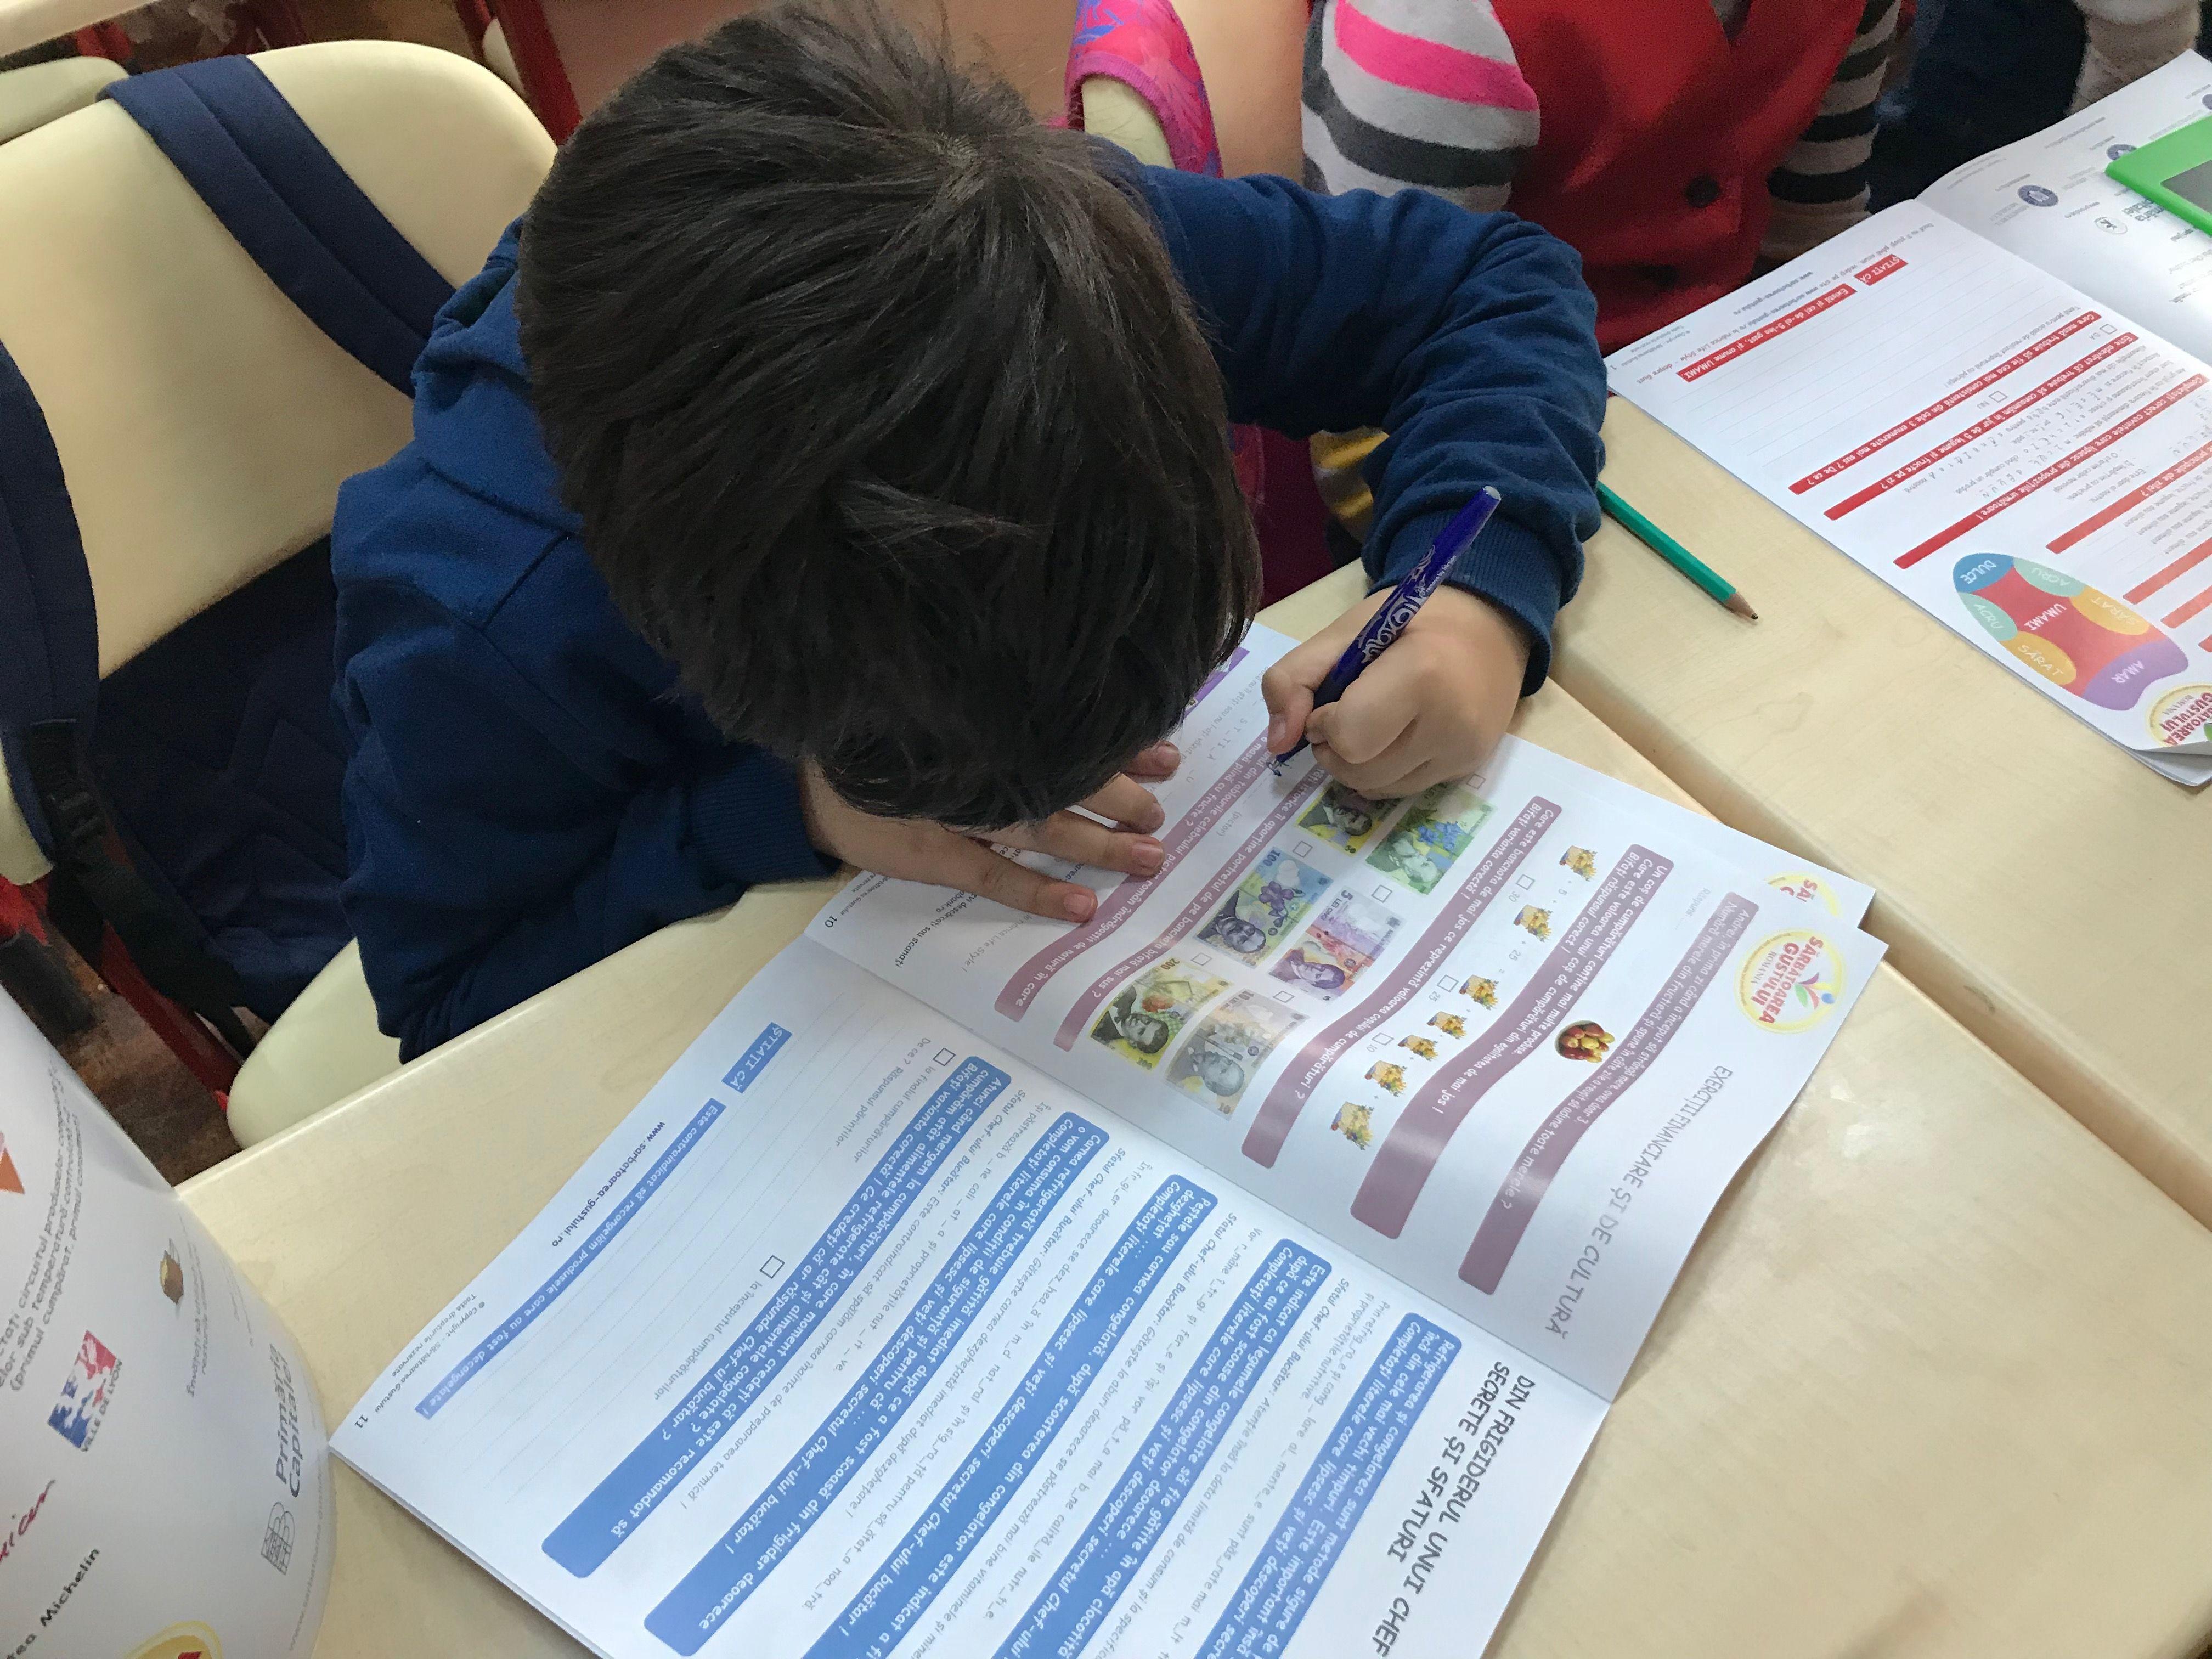 Sarbatoarea_Gustului_Scoala_Centrala_lansare_festival_educational_brosura_pedagogica_02